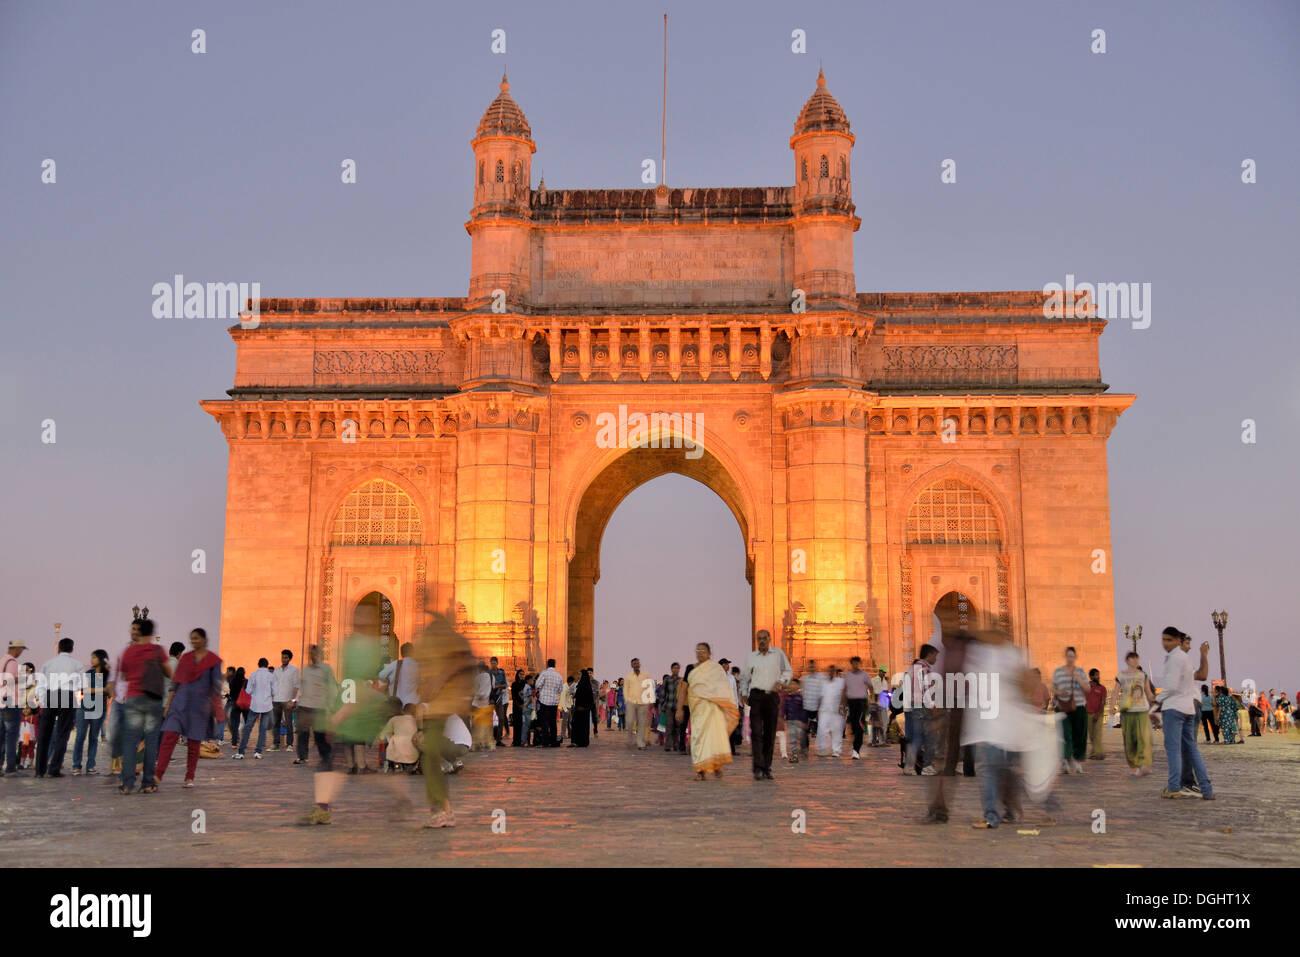 Porte de l'Inde, monument emblématique de New Delhi, Mumbai, Maharashtra, Inde Photo Stock